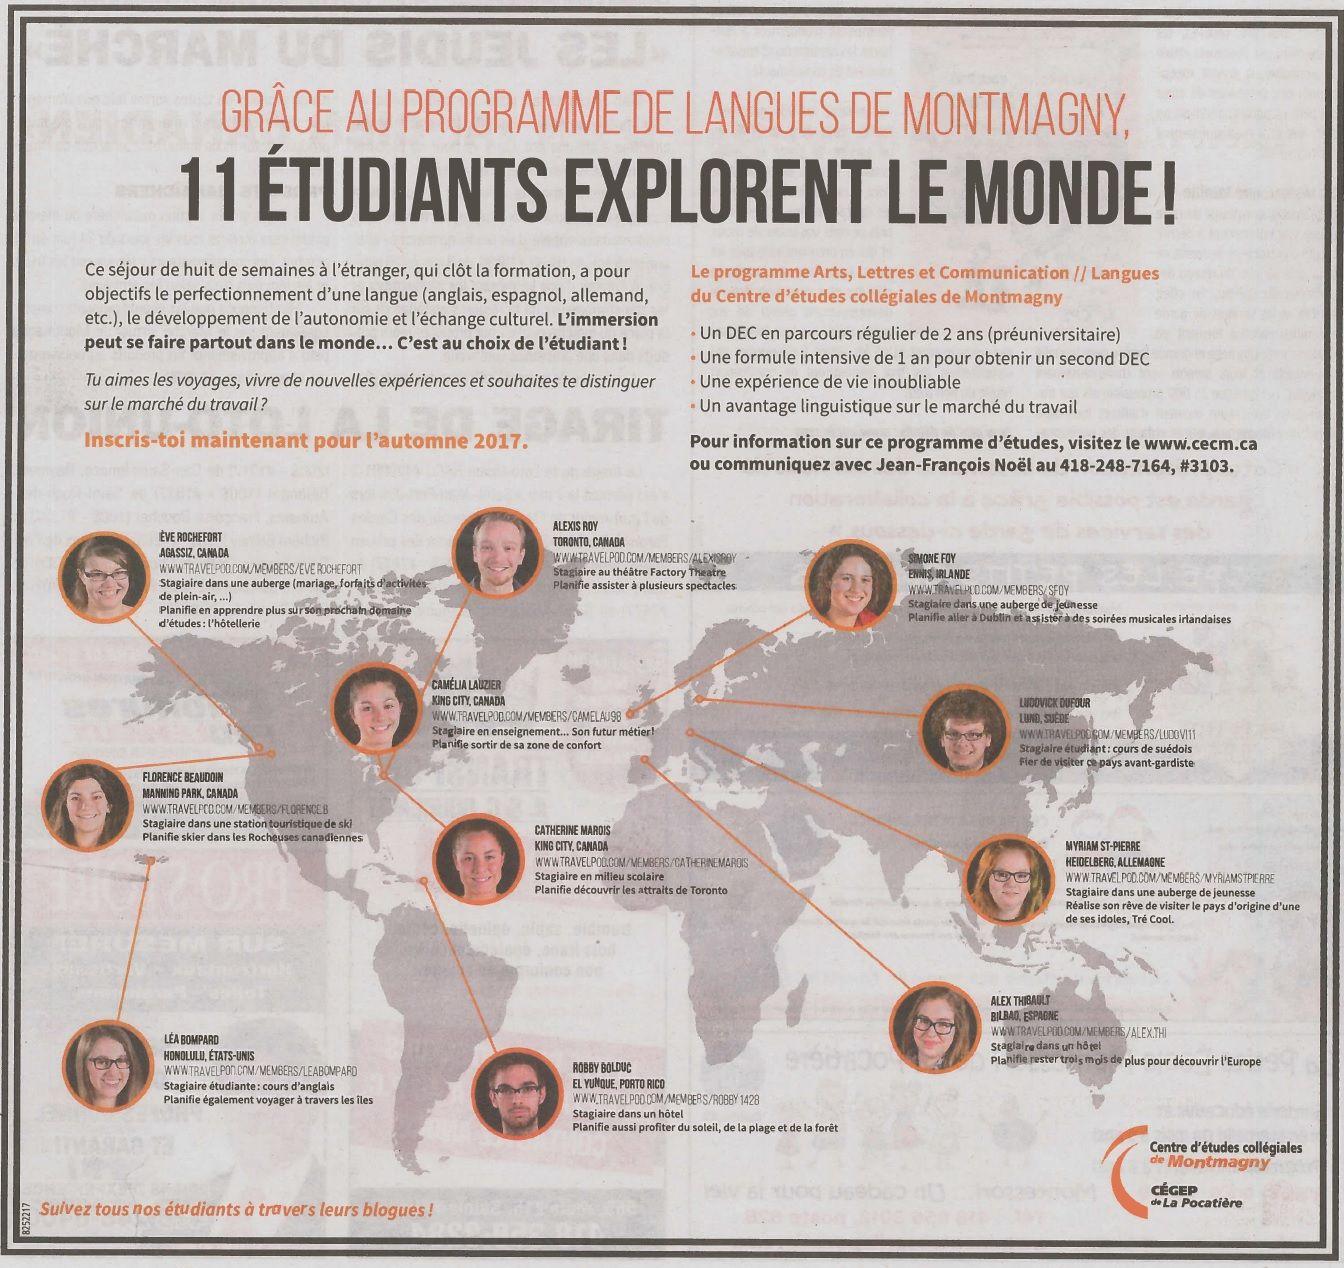 Bibliotheque Francois Hertel Grace Au Programme De Langues De Montmagny 11 Etudiants Explorent Le Monde Revue De Presse Mai 2 Movie Posters Movies Poster